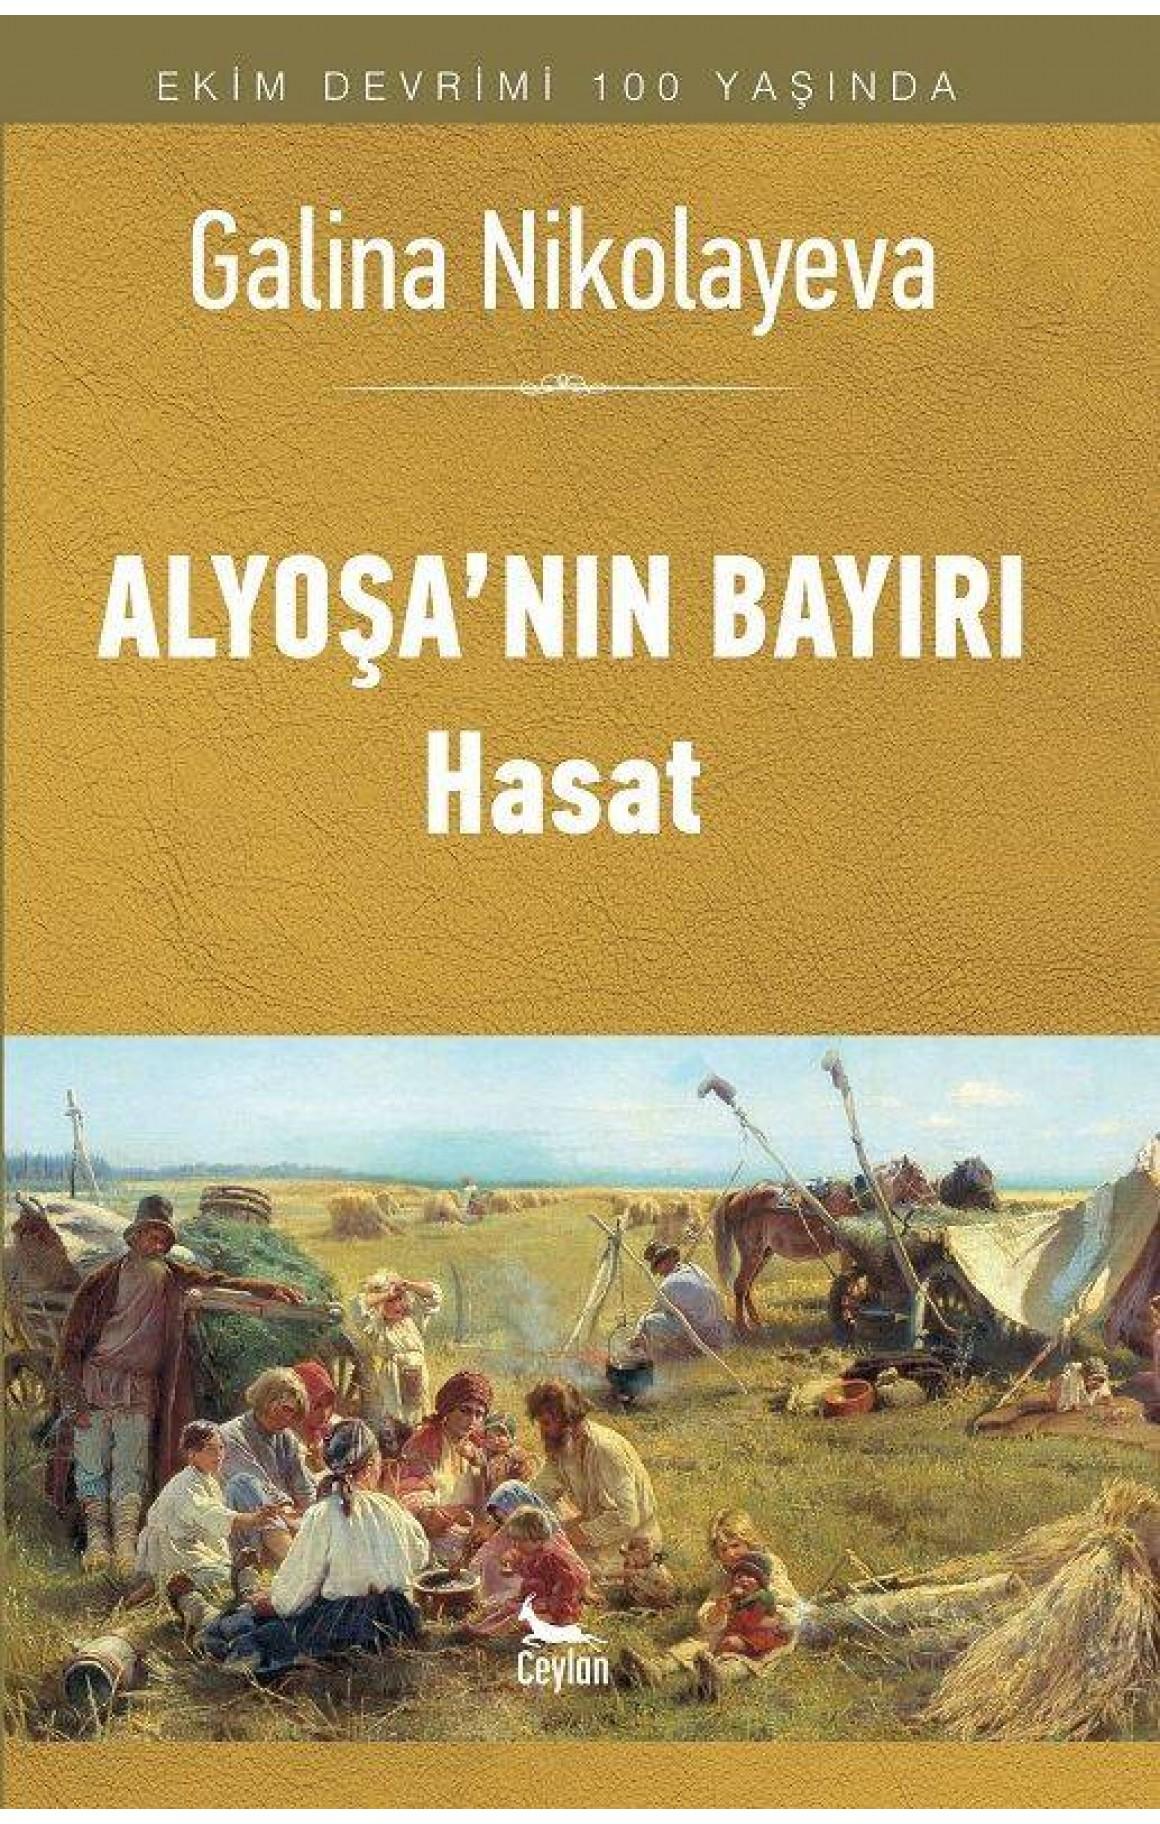 Alyoşa'nın Bayırı Hasat